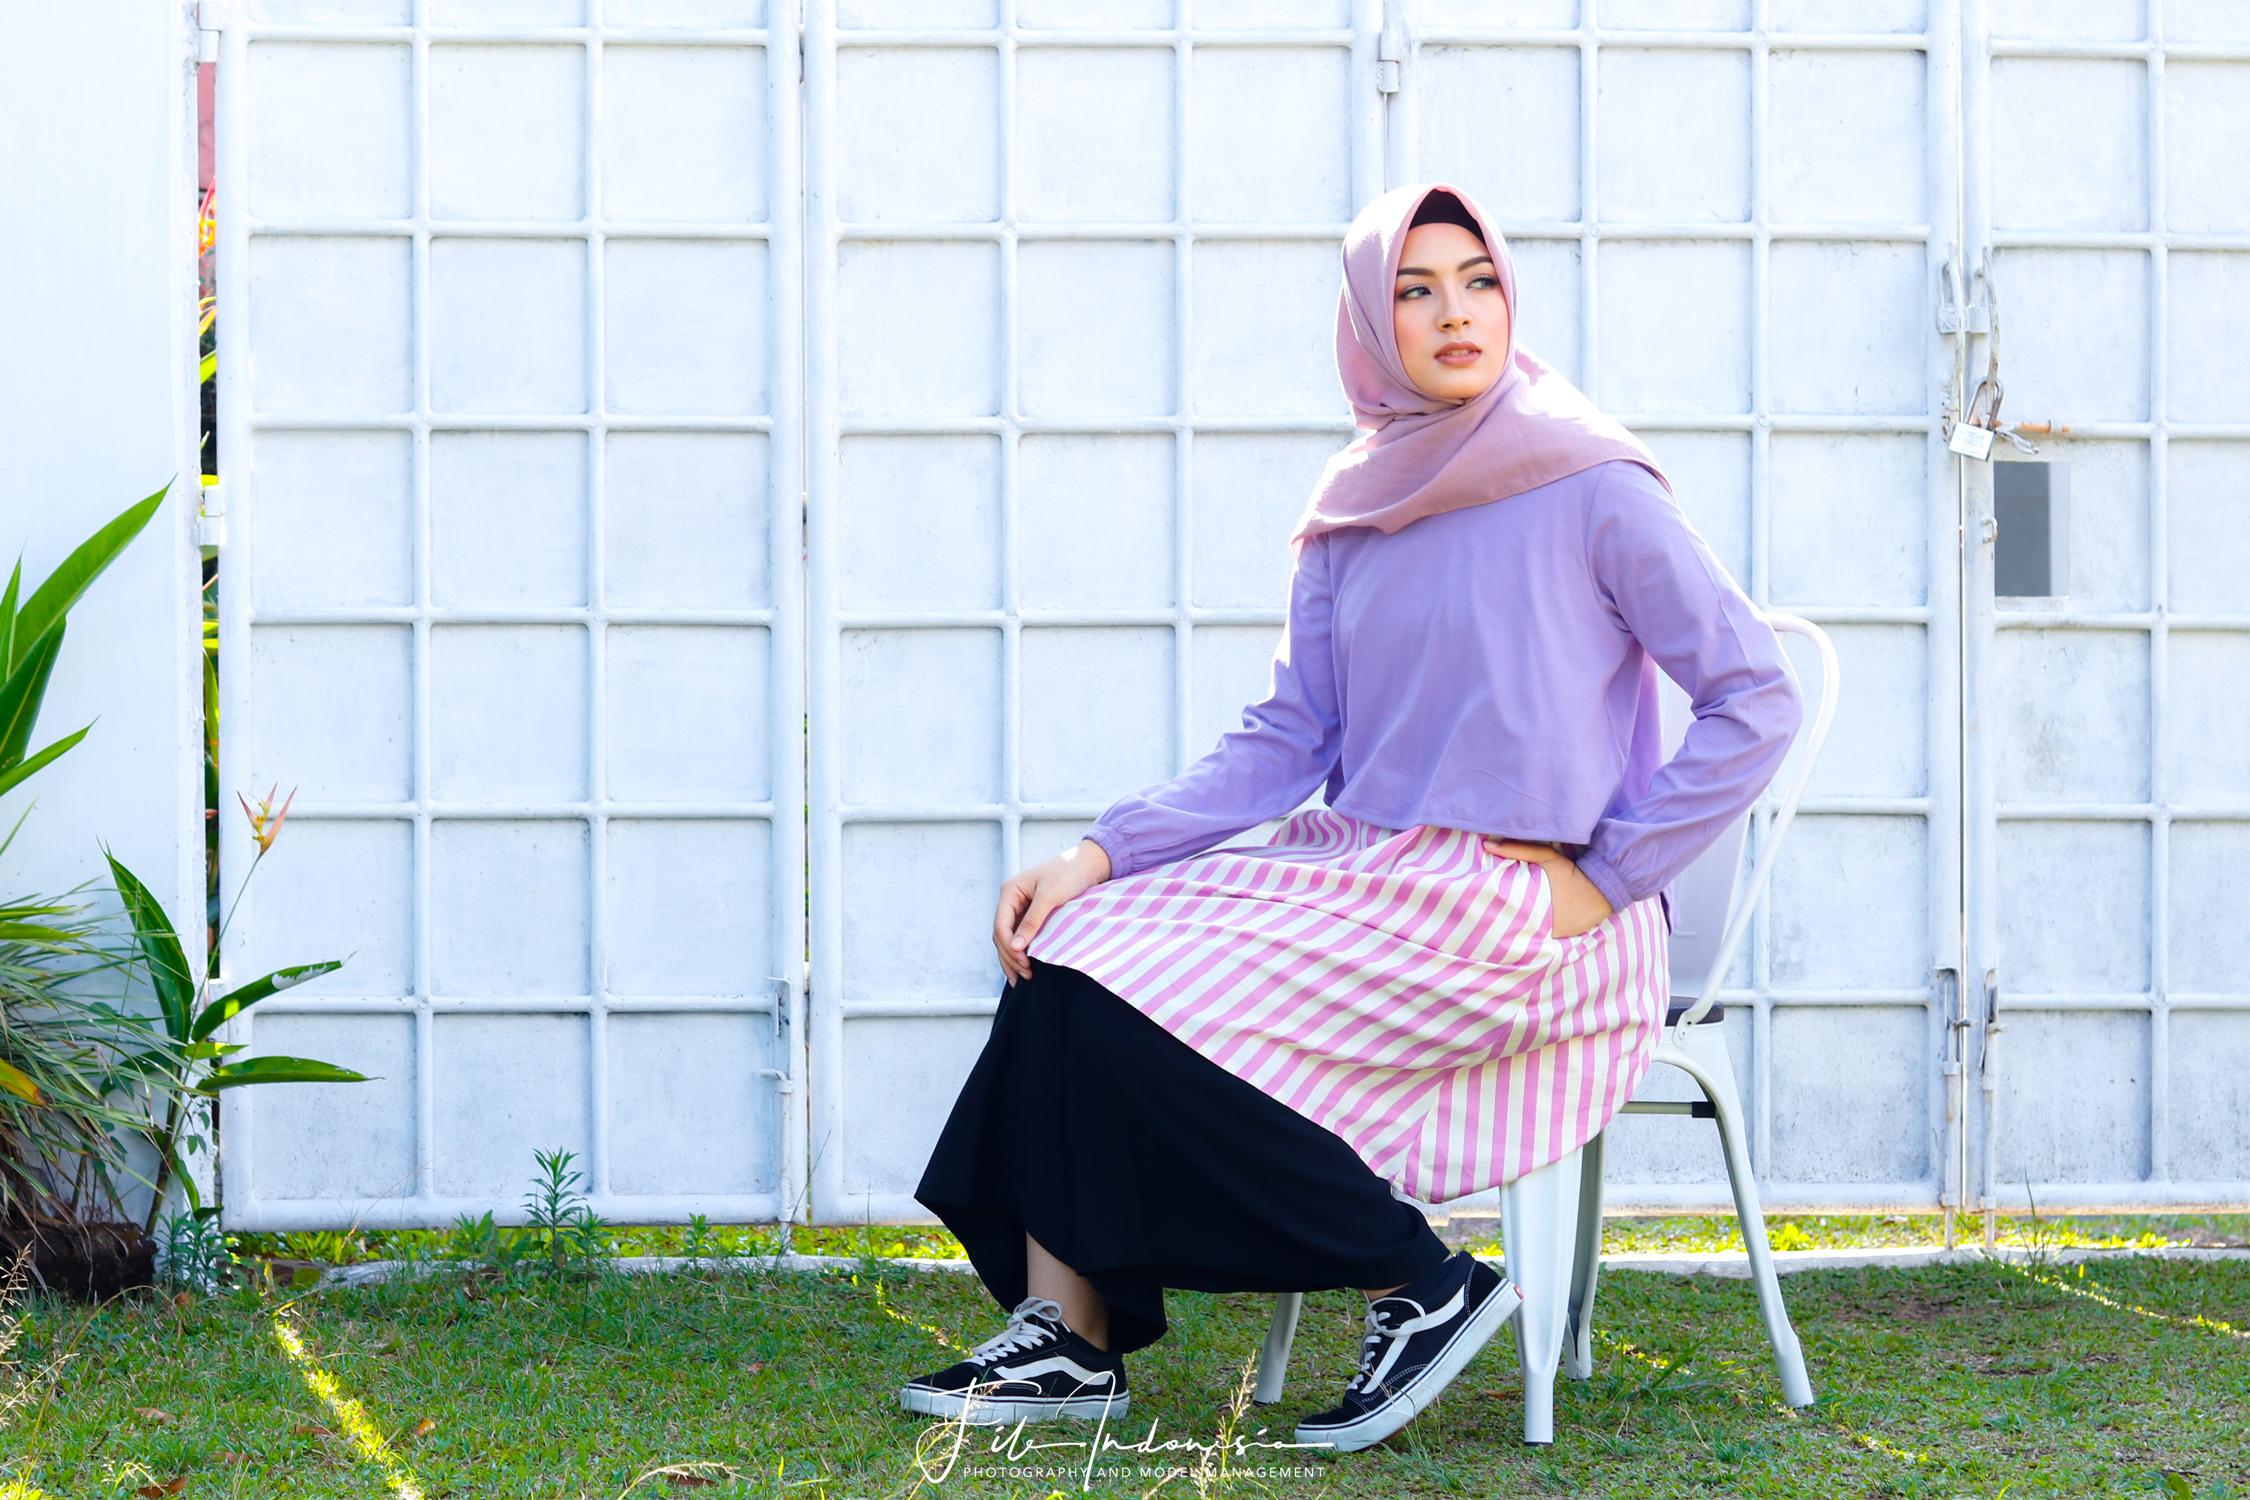 katalog-sylla-hijab-outdoor-03.jpg